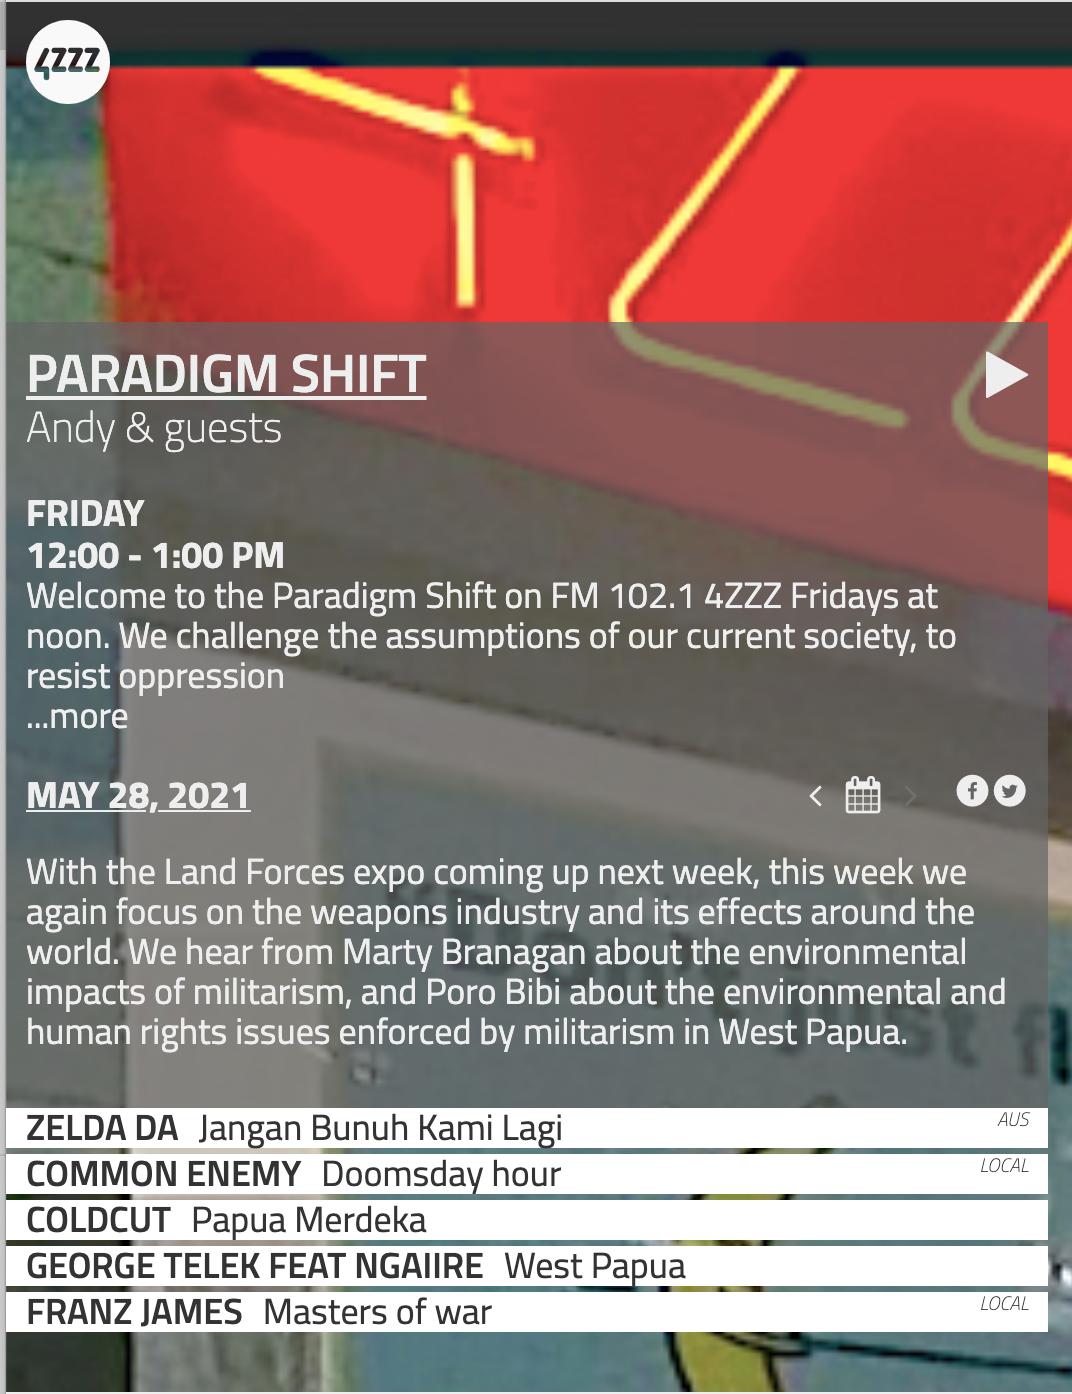 Paradigm shift May 28th